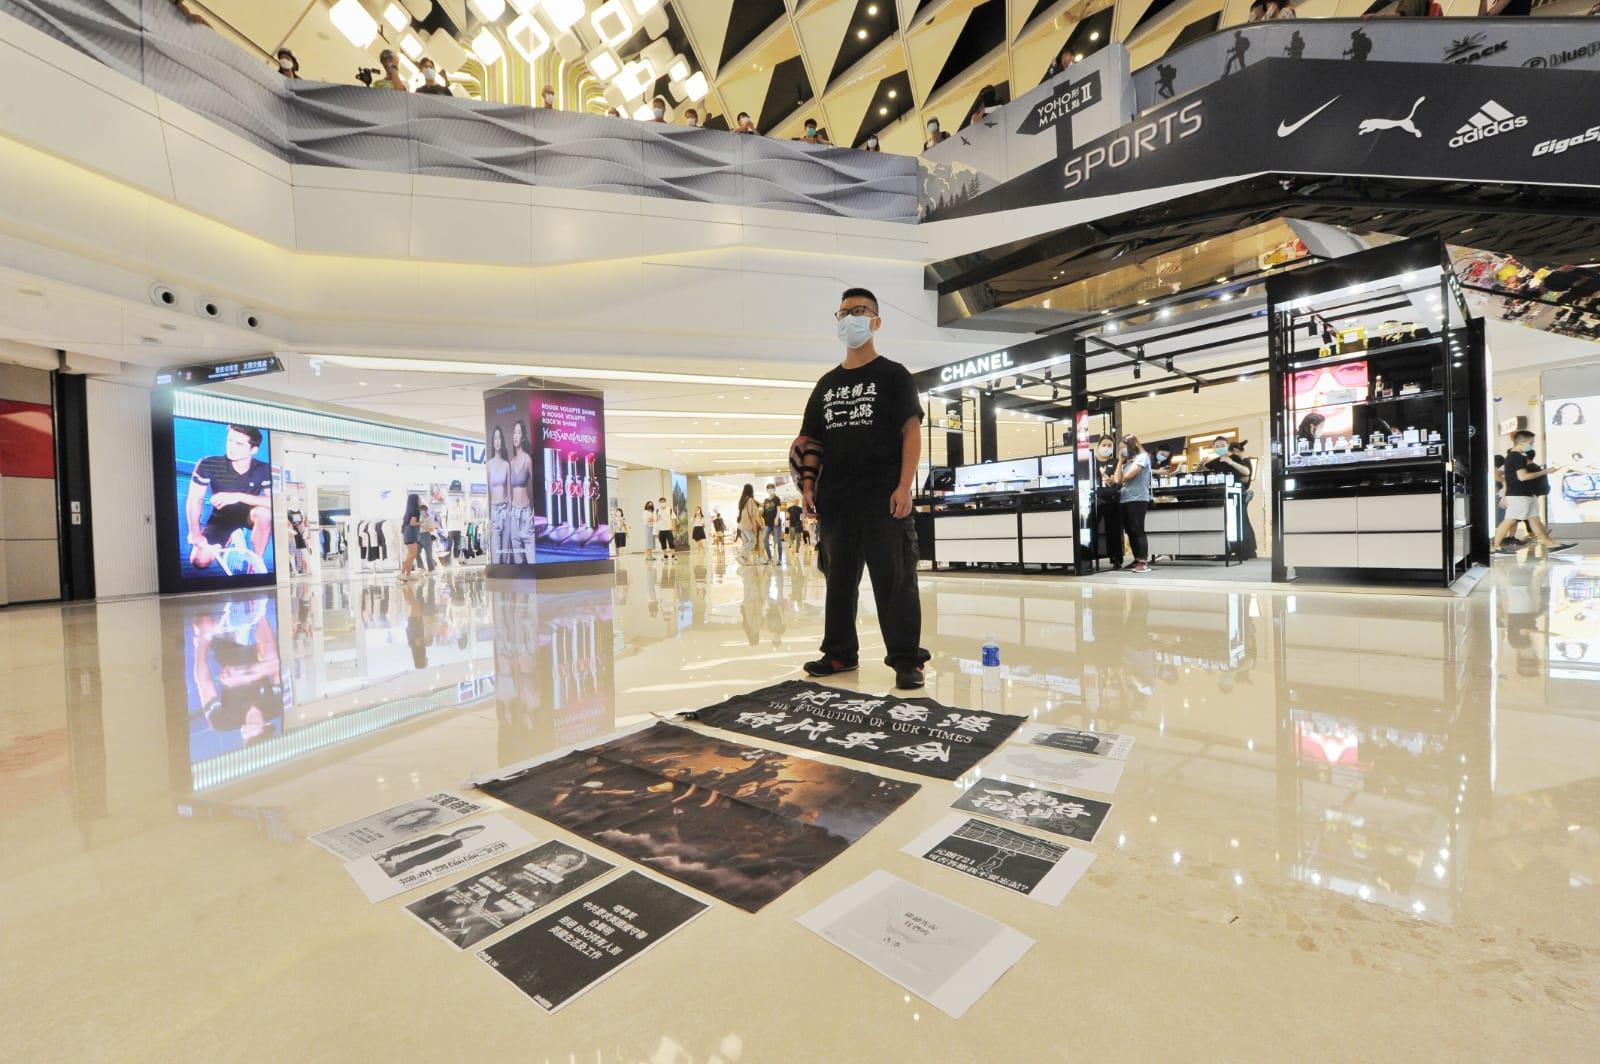 今日(6月25日)端午節,每年的今日香港都會有賽龍舟的活動,不過今年的端午節卻非同一般。由於武漢肺炎疫情影響,賽龍舟的活動被迫取消,但是不少市民卻選擇前往商場,在逛商場的同時,舉行「和你Shop」的反送中及反「國安法」的抗極權活動,「衛護我城」。(宋碧龍 / 大紀元)